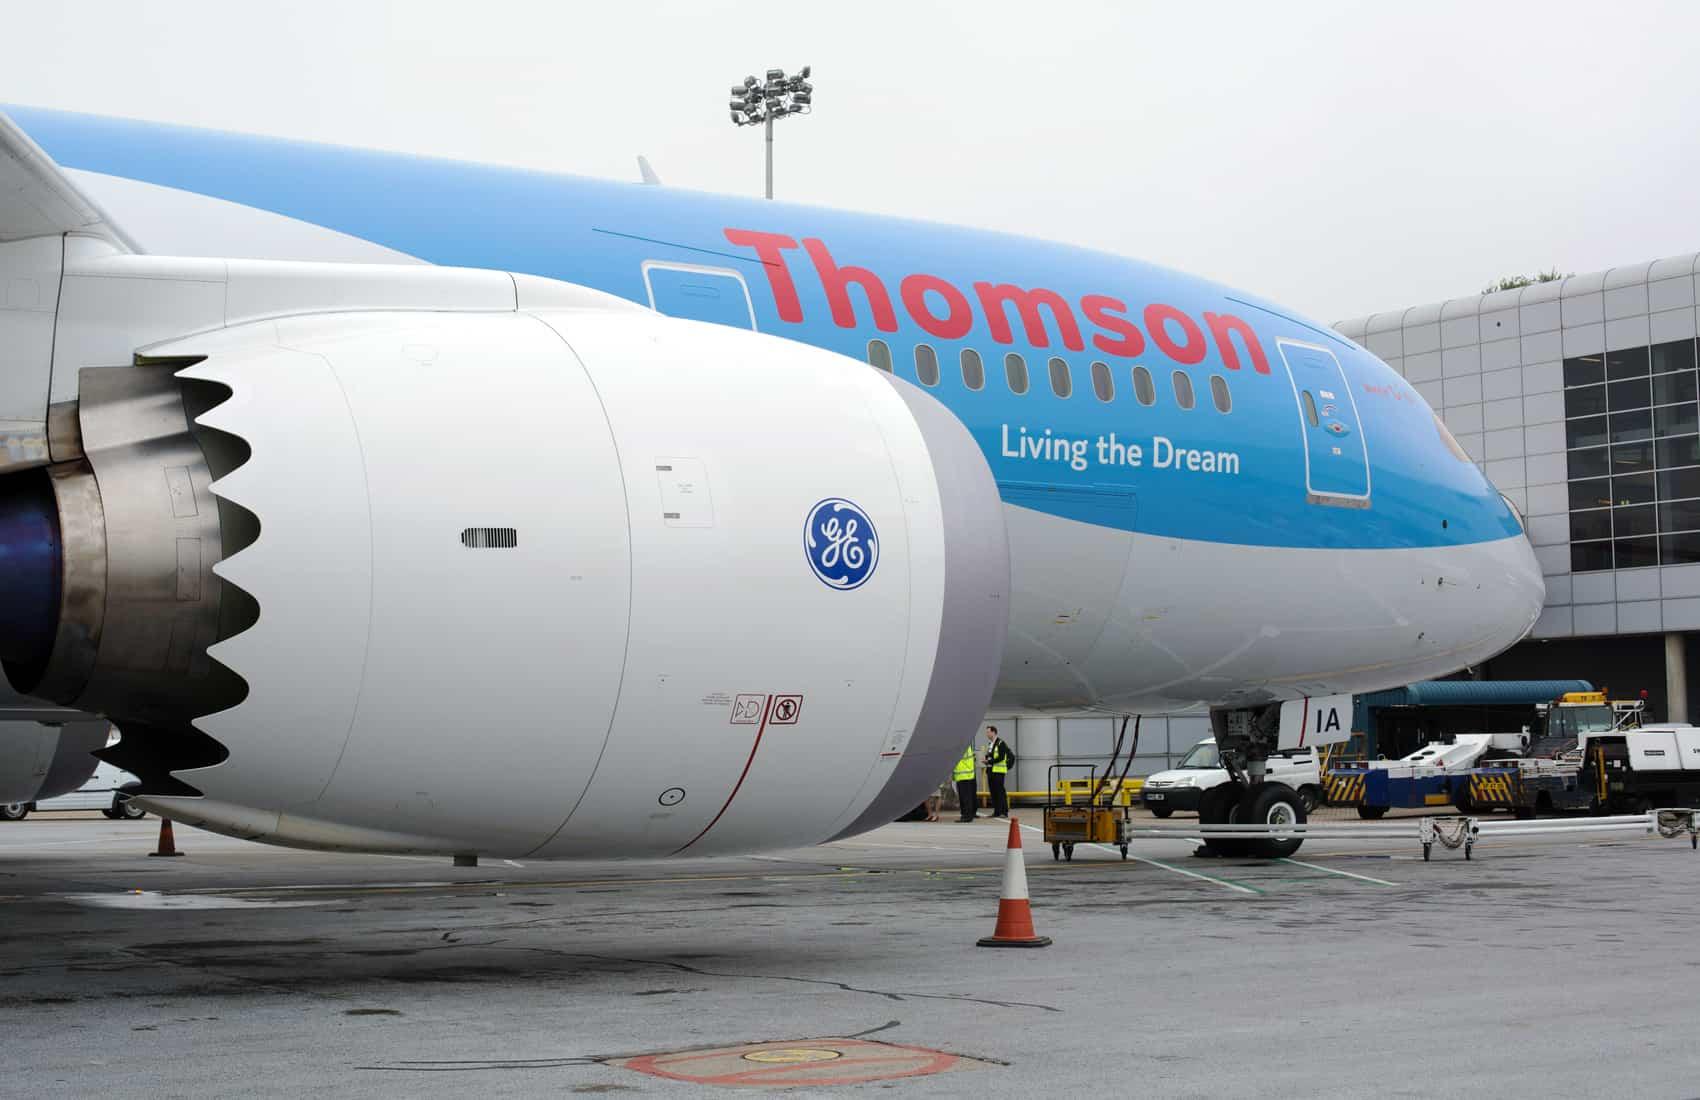 Thomson dreamliner